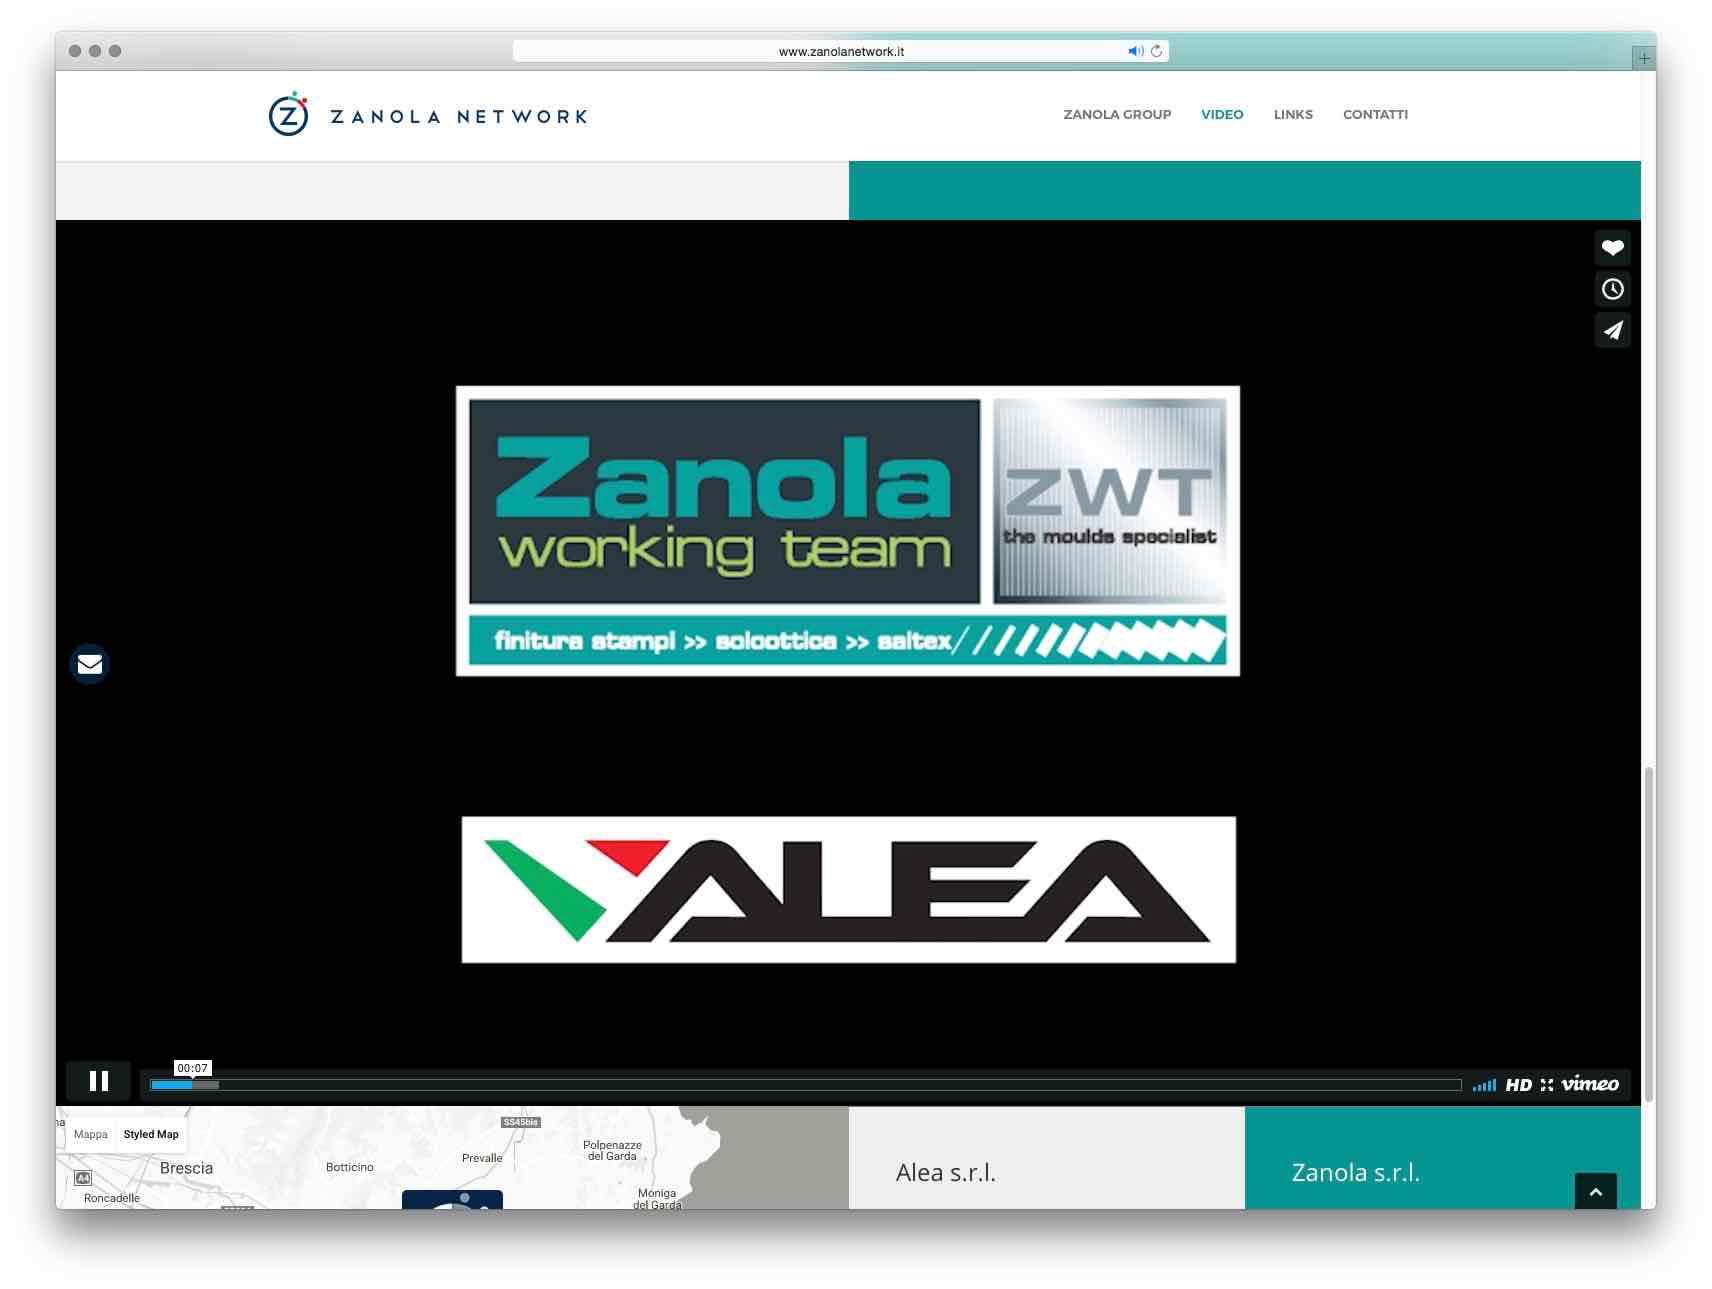 Creazione Siti Web Brescia - Sito Web Zanola Network